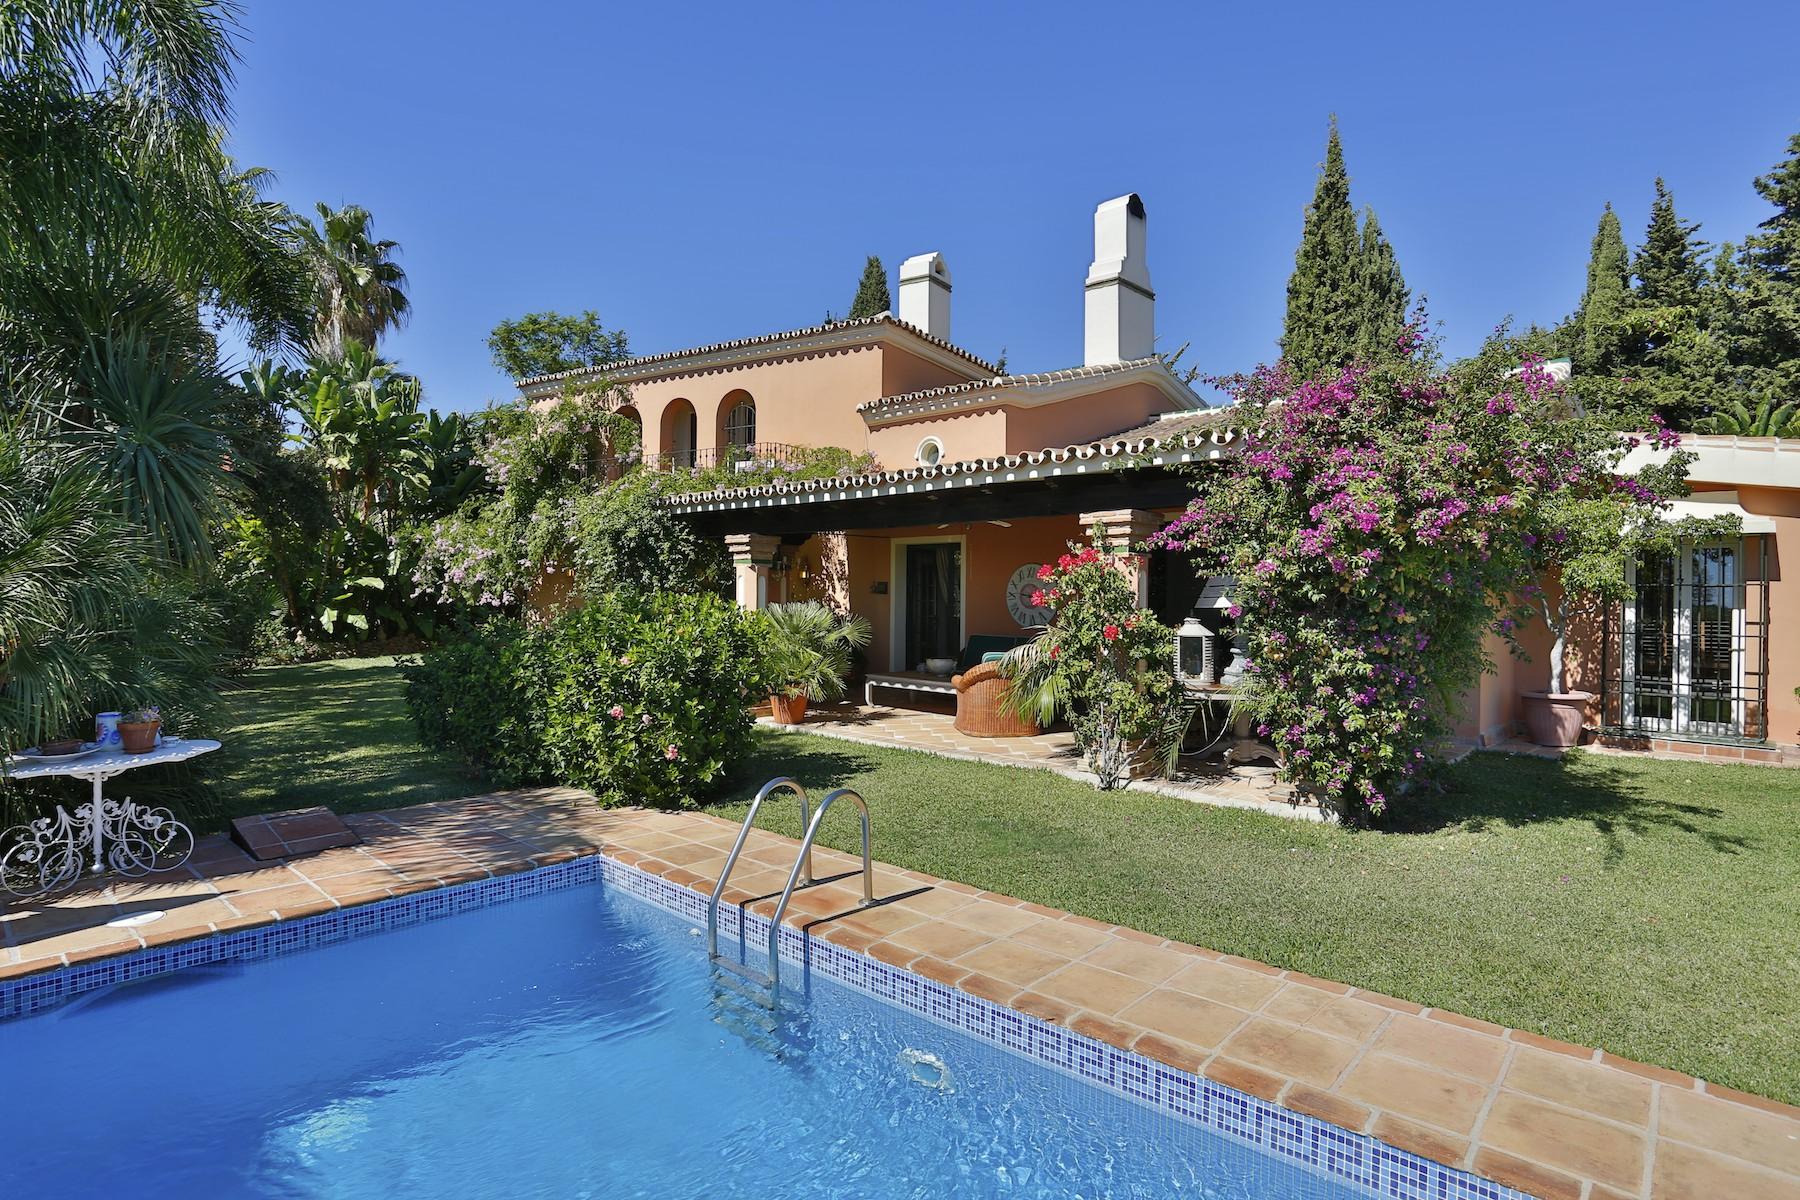 Single Family Home for Sale at LA QUINTA BENAHAVIS Other Costa Del Sol, Costa Del Sol, 29679 Spain